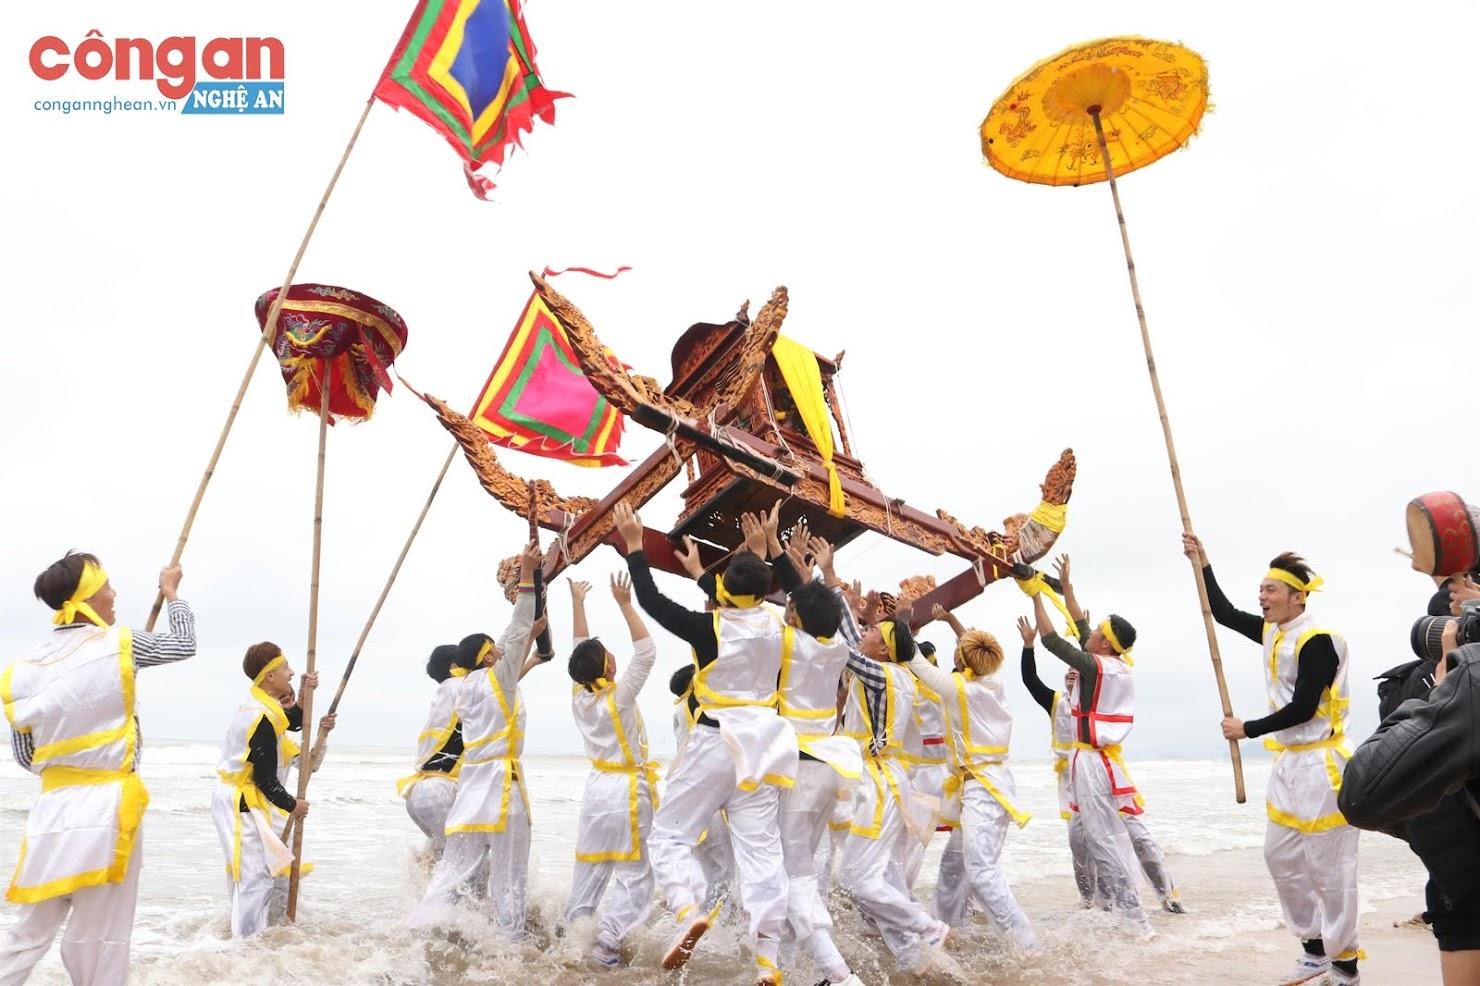 Màn rước kiệu trong lễ cầu ngư của Lễ hội đền Cờn